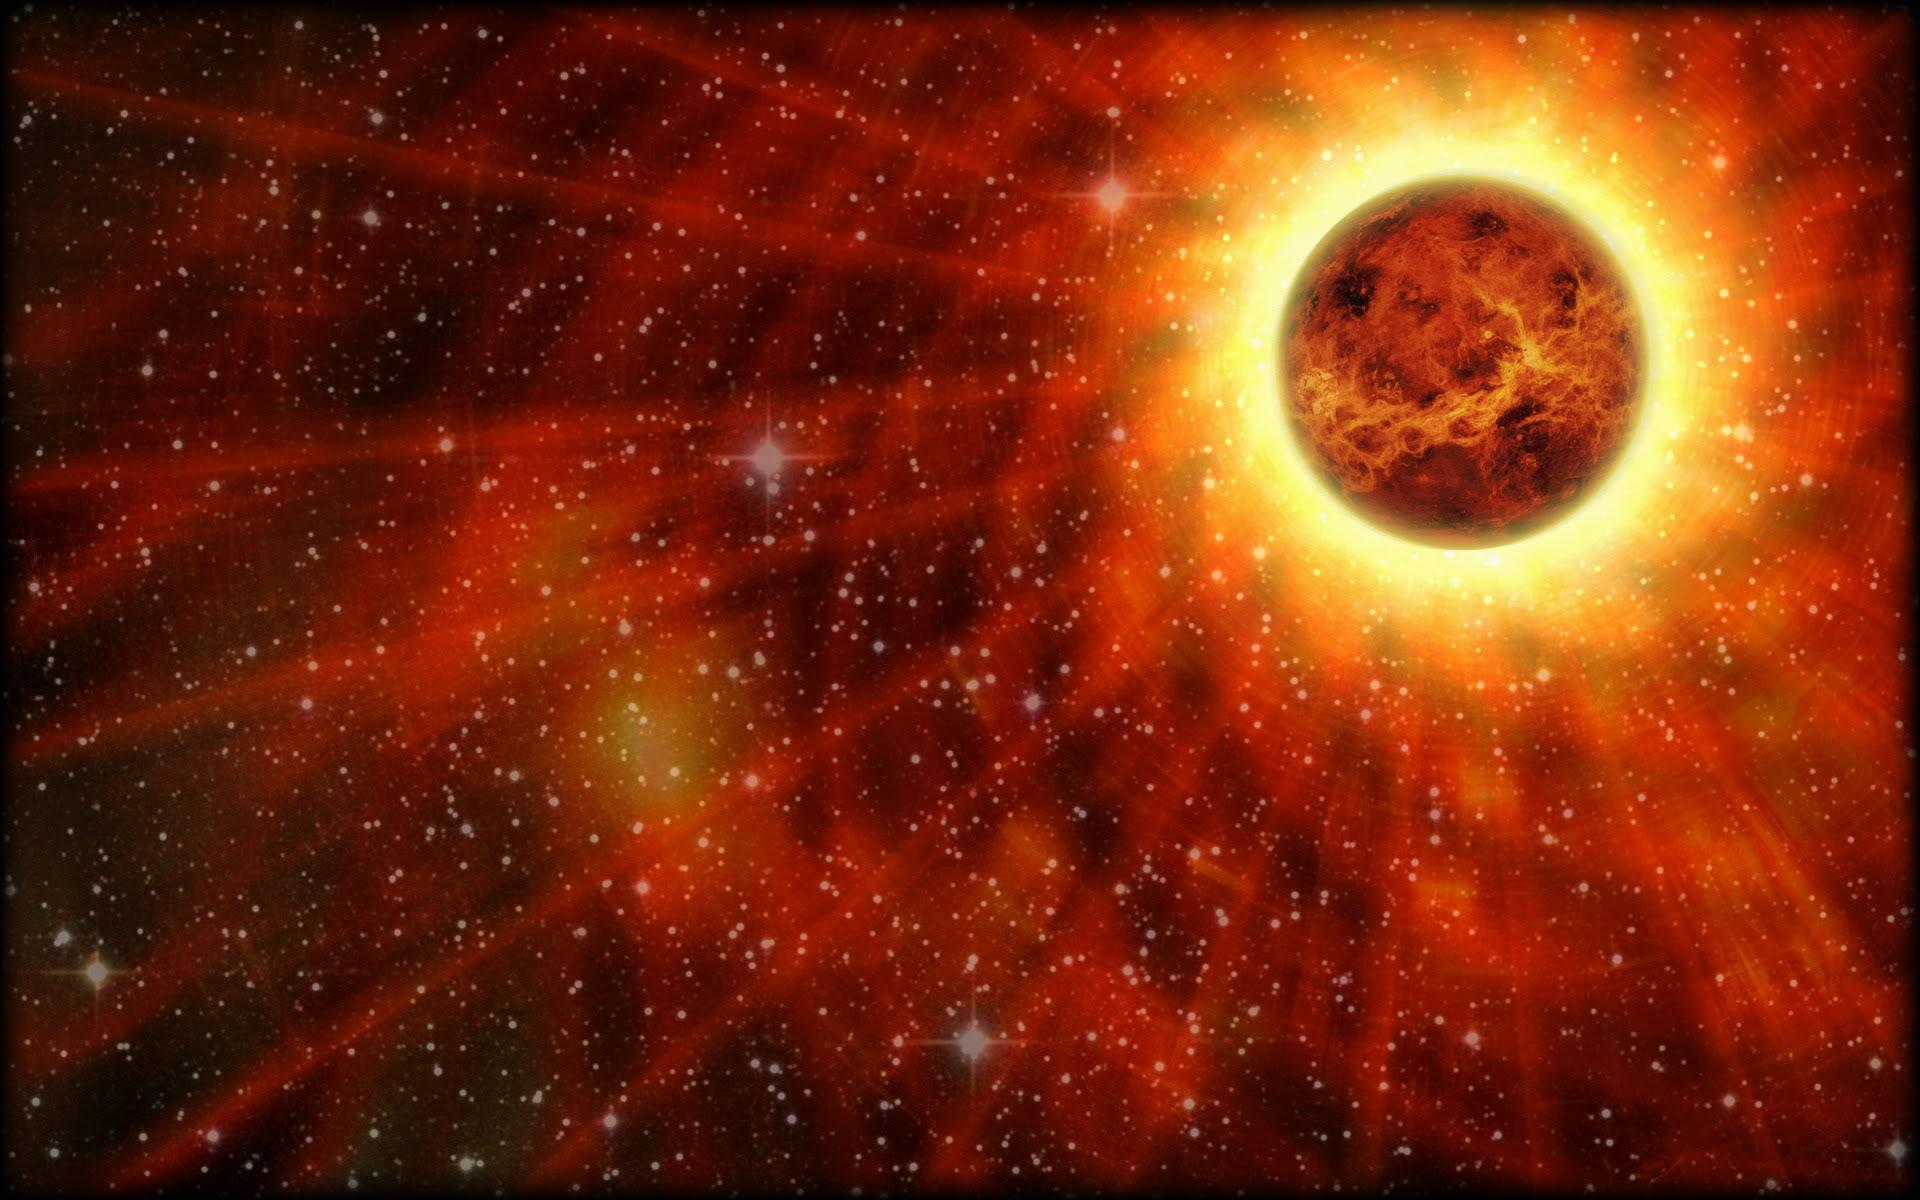 Venus HD Wallpapers 7wallpapersnet 1920x1200